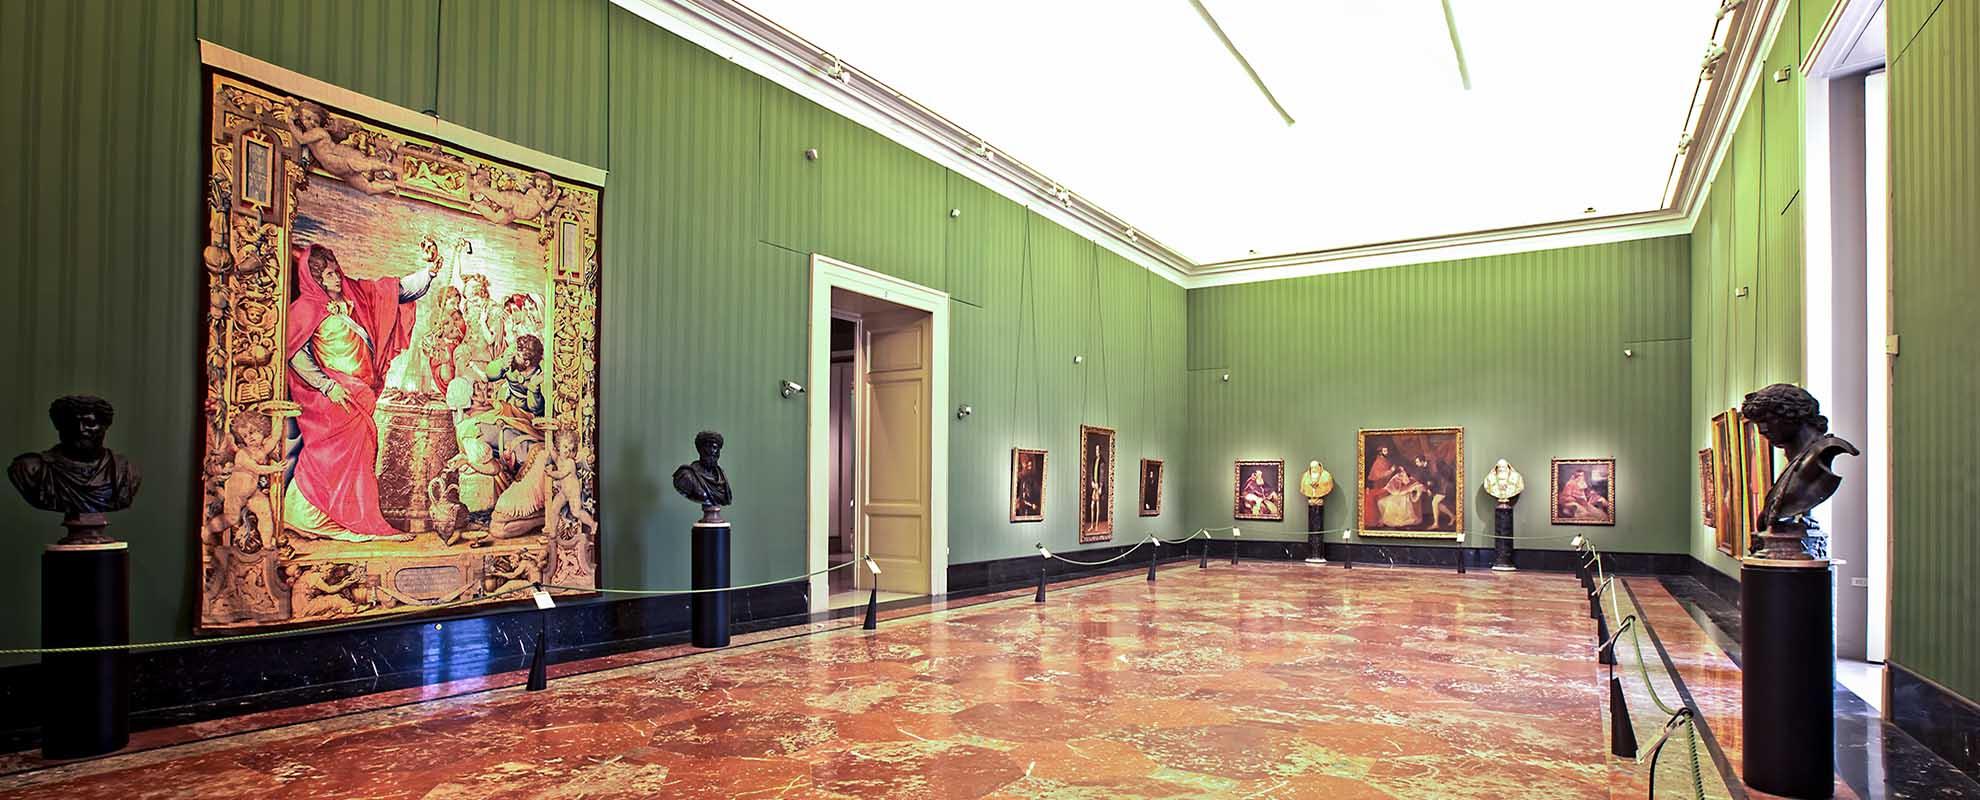 Napoli, finalmente il Comune crea un bus per il Museo di Capodimonte